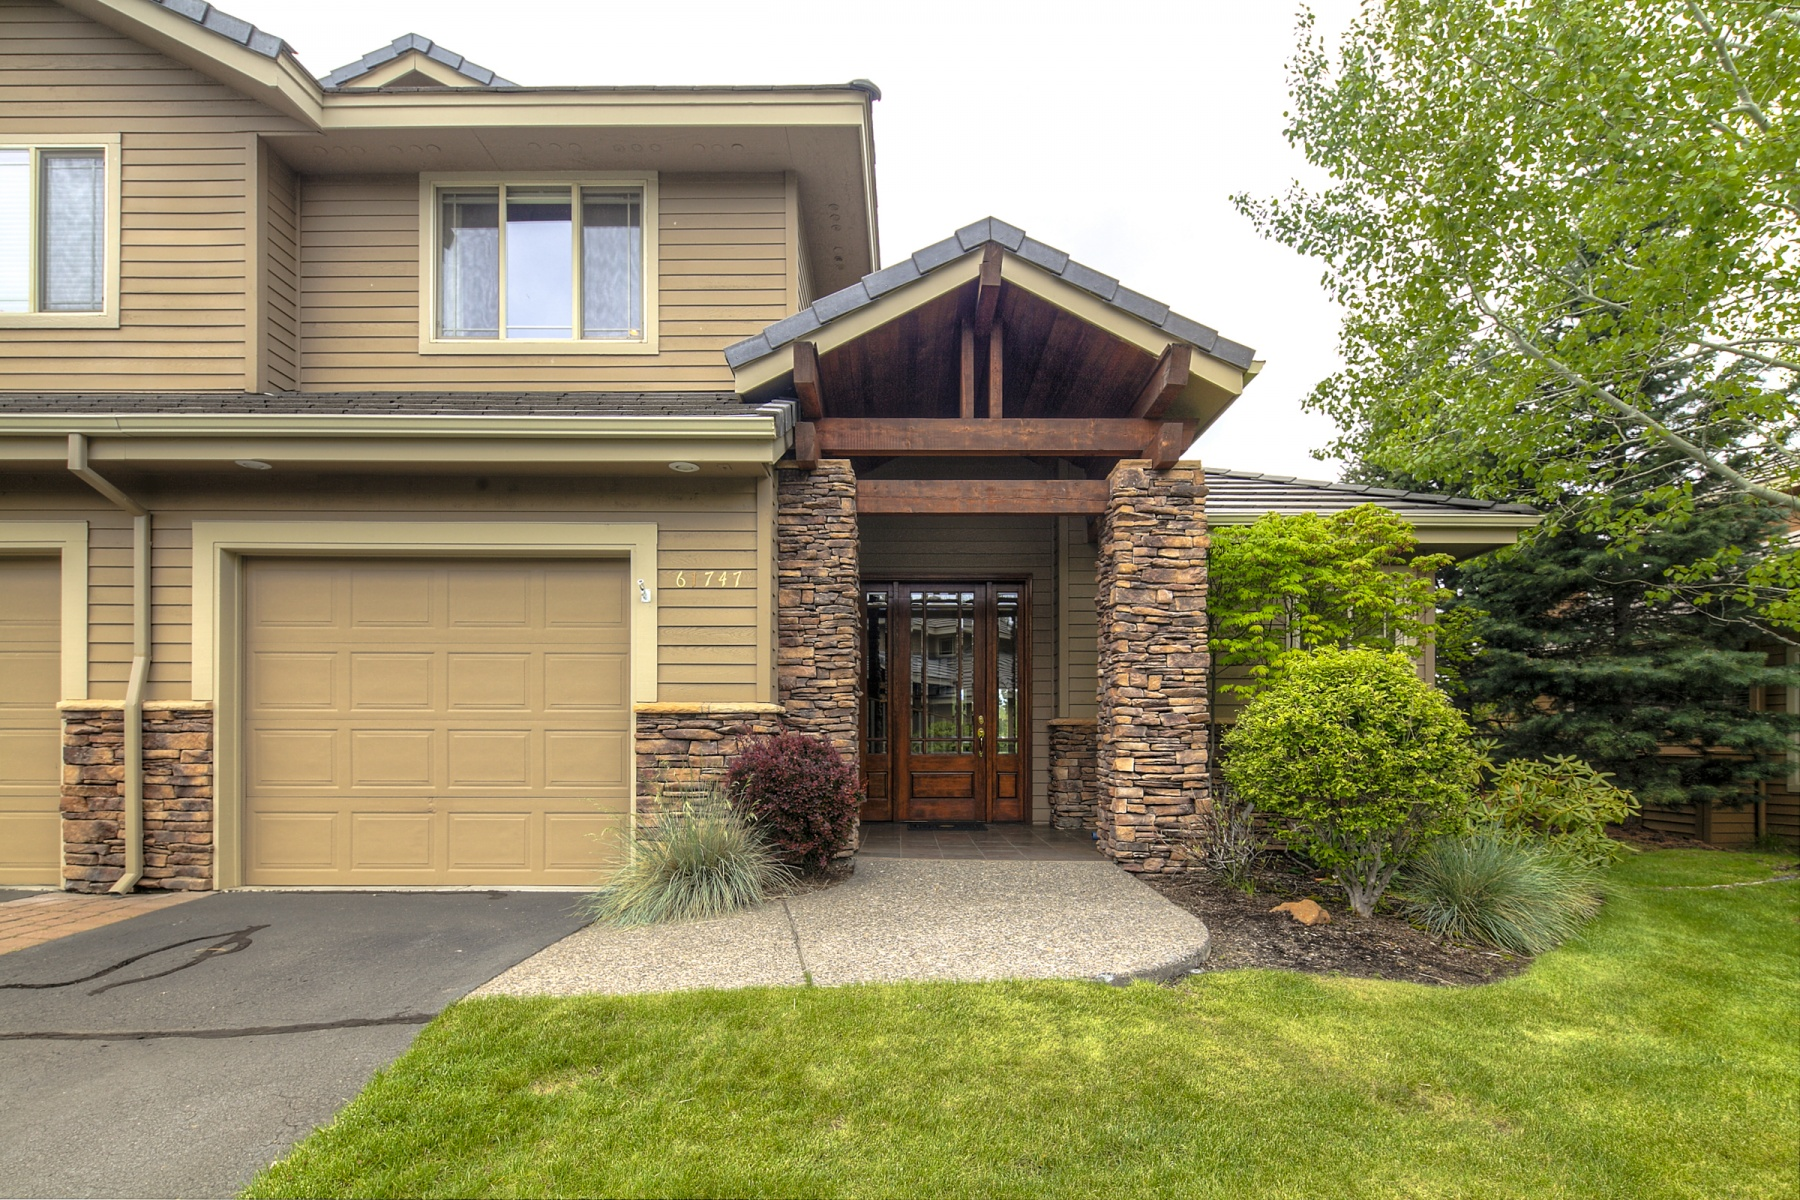 Casa Unifamiliar por un Venta en Broken Top 61747 Bridge Creek Dr Bend, Oregon 97702 Estados Unidos